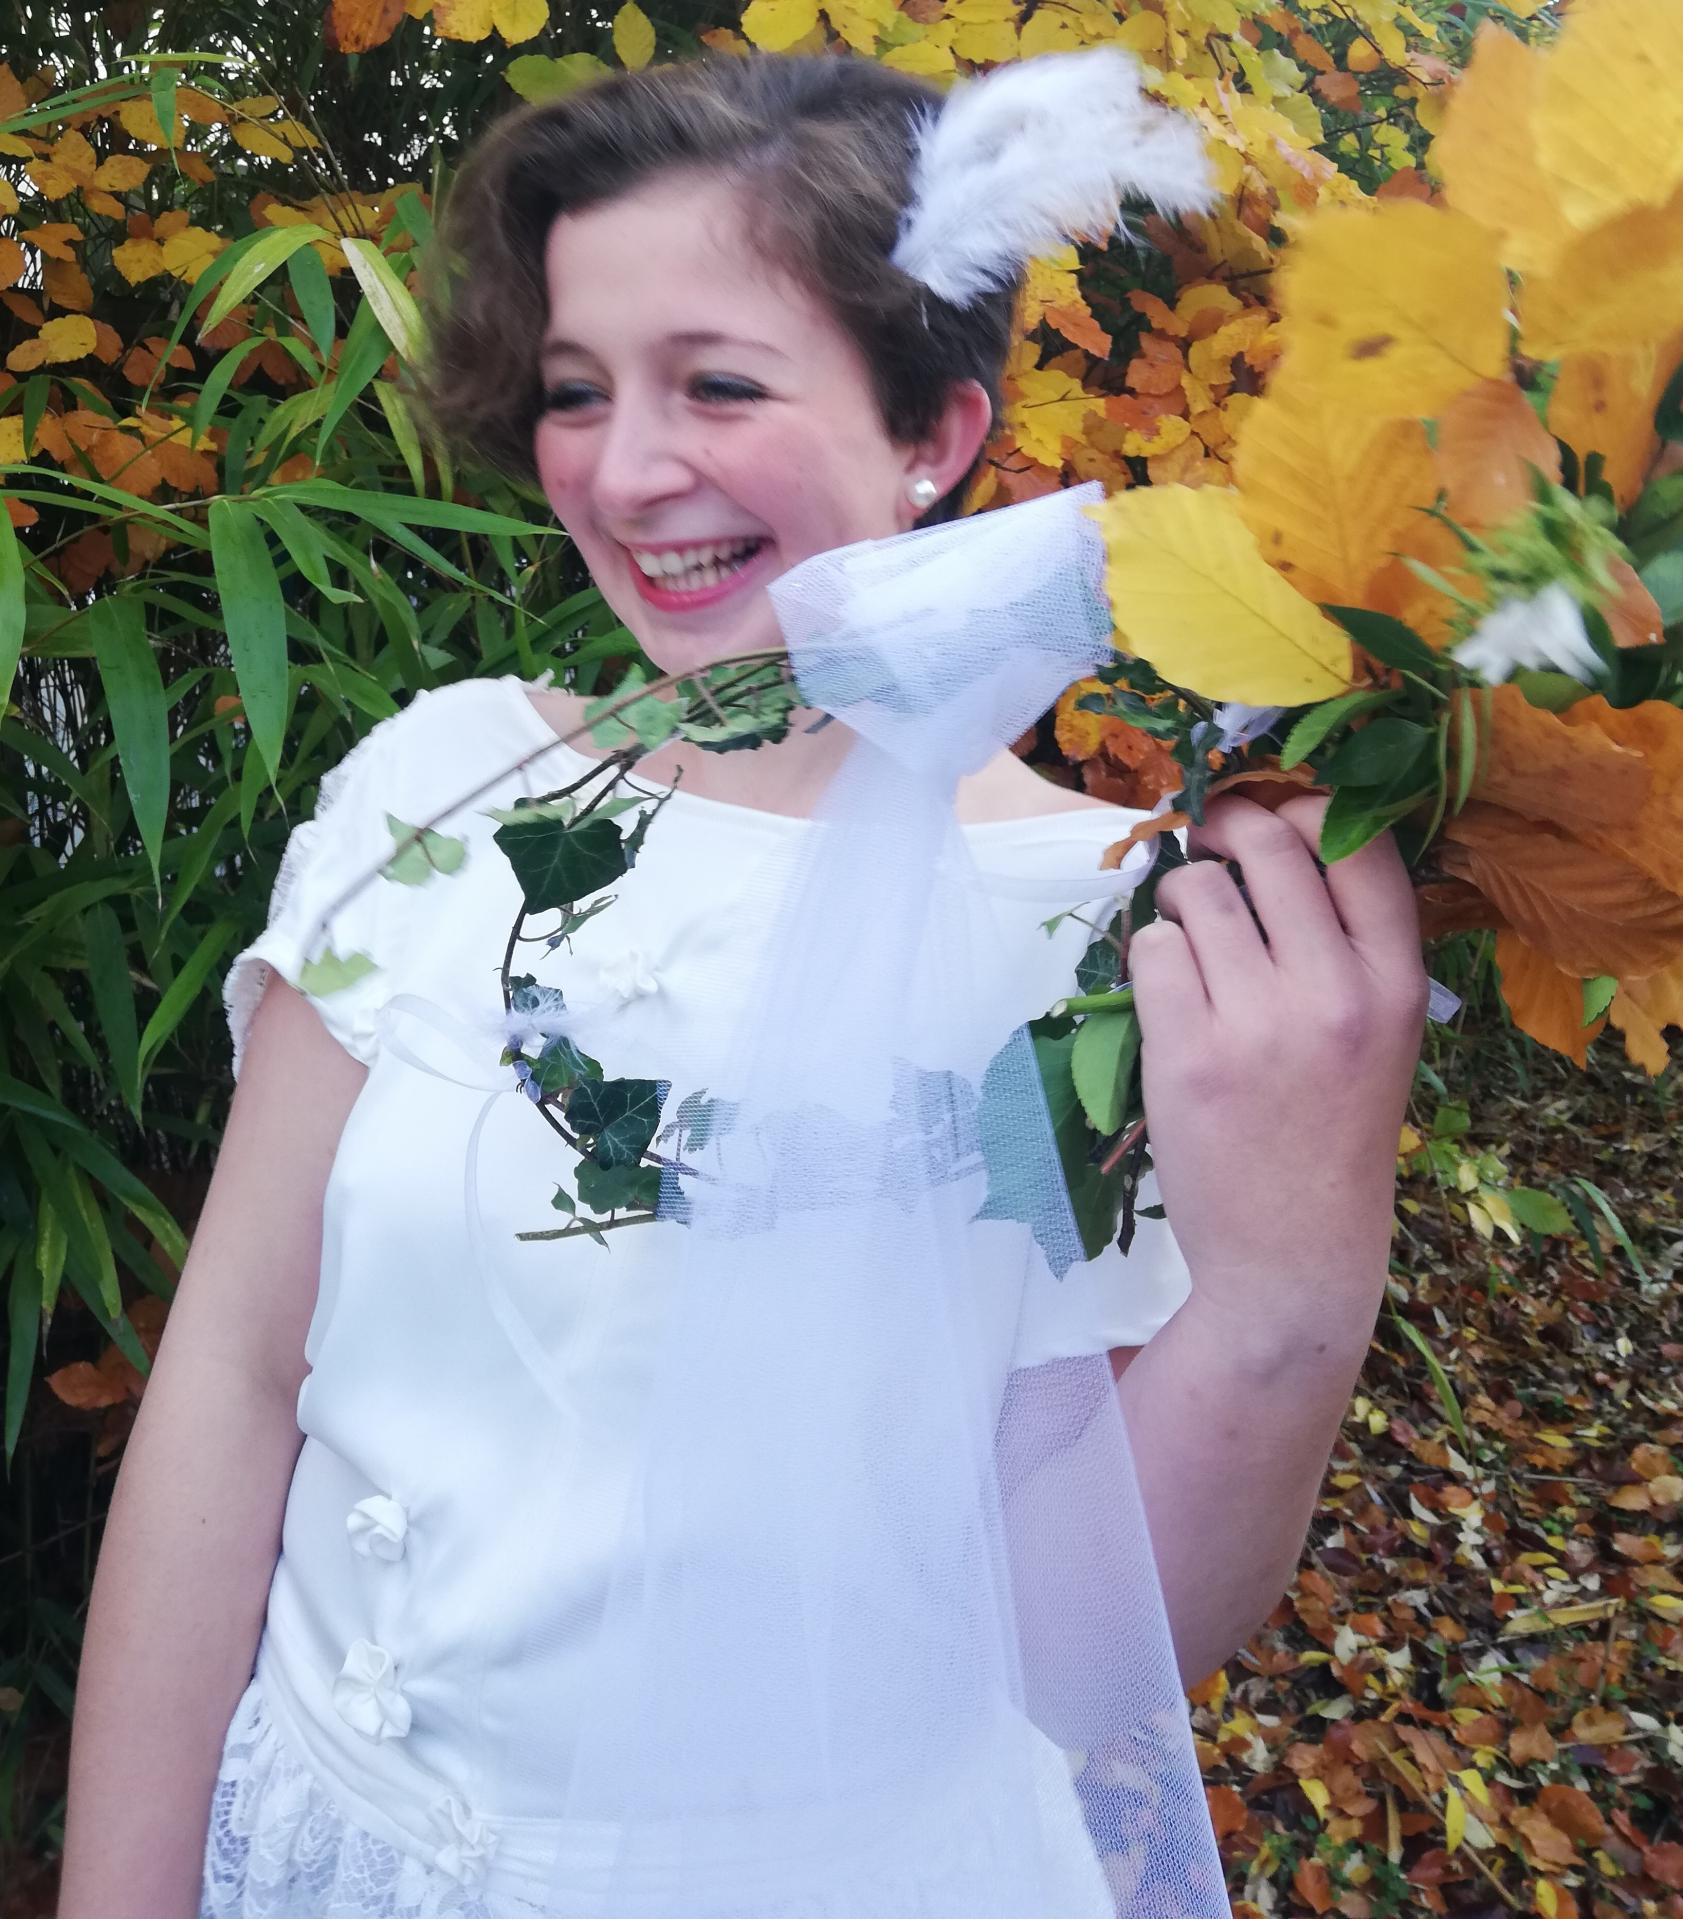 Robe de mariee reversible dentelle tulle et viscose rose faconnee a la main avec un coeur de nacre couronne fleurs et plumes fifi au jardin pose 24